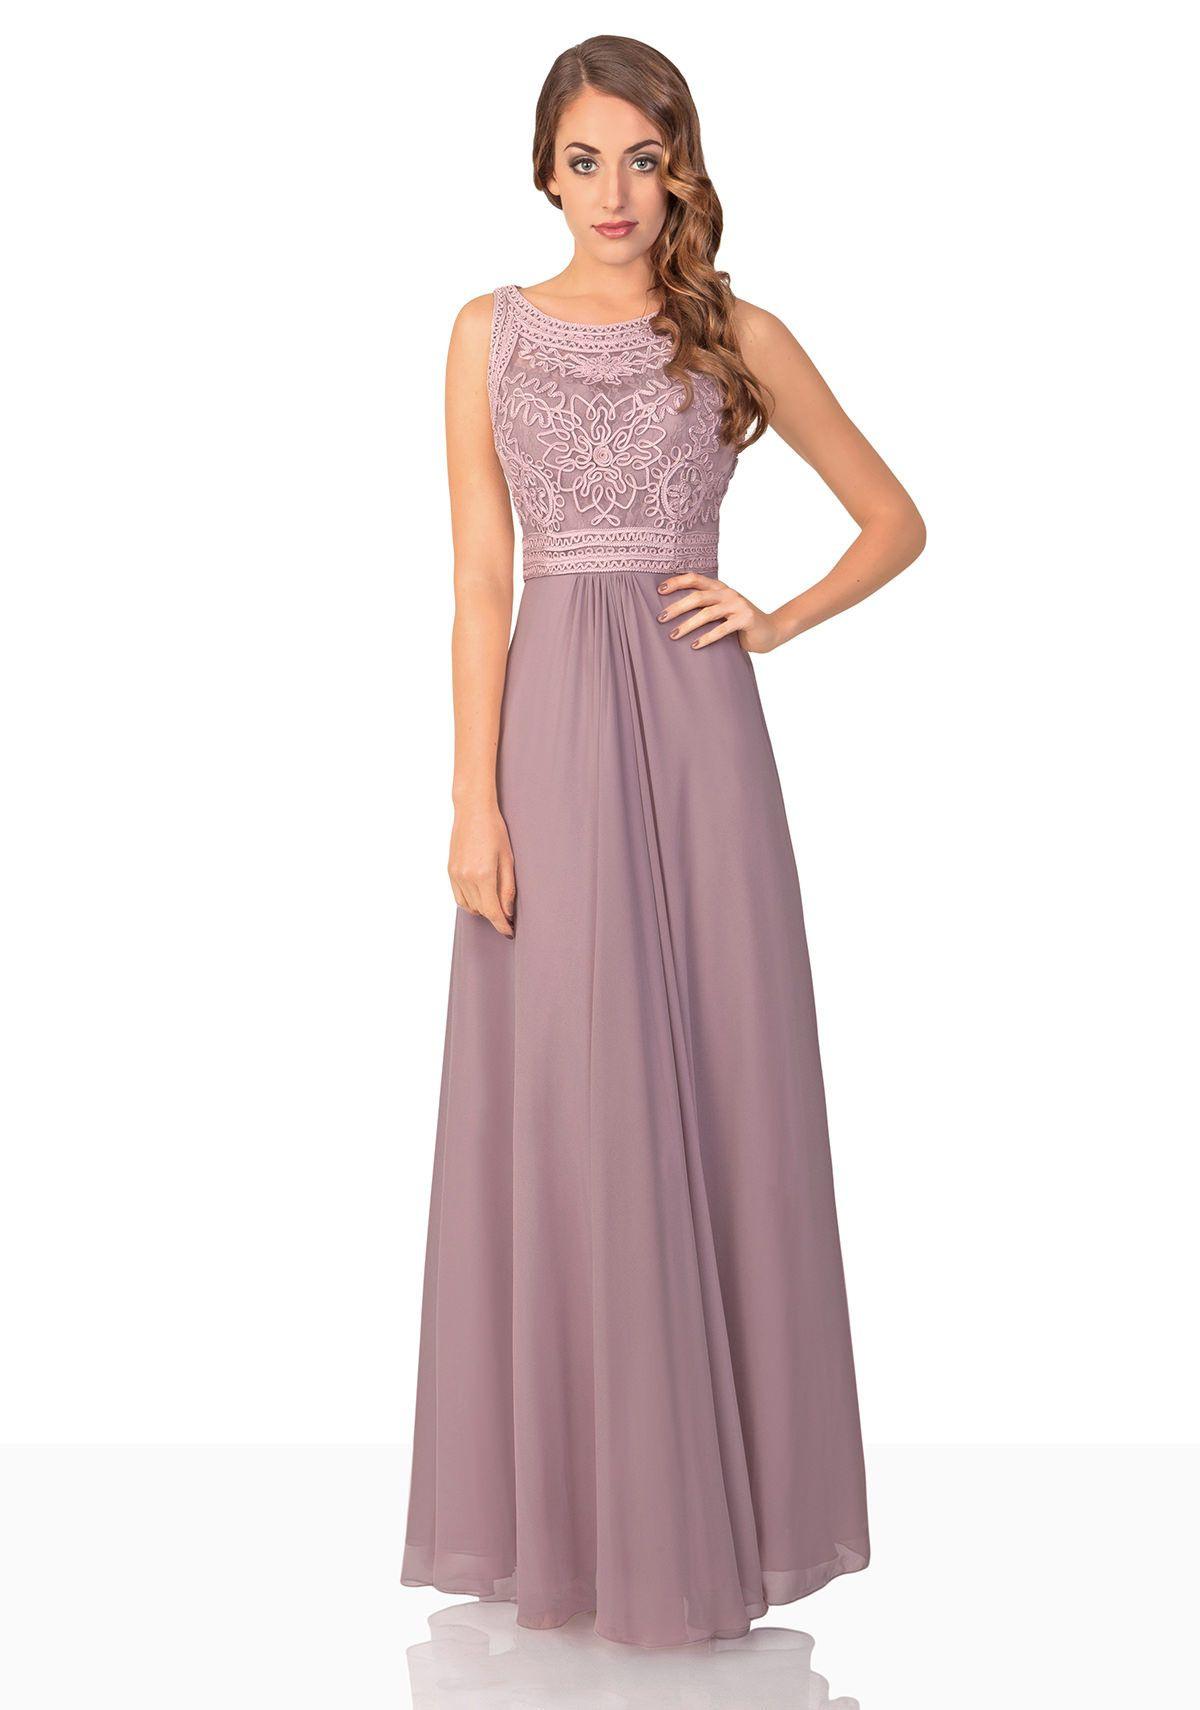 13 Cool Altrosa Abendkleid Boutique13 Einfach Altrosa Abendkleid Stylish